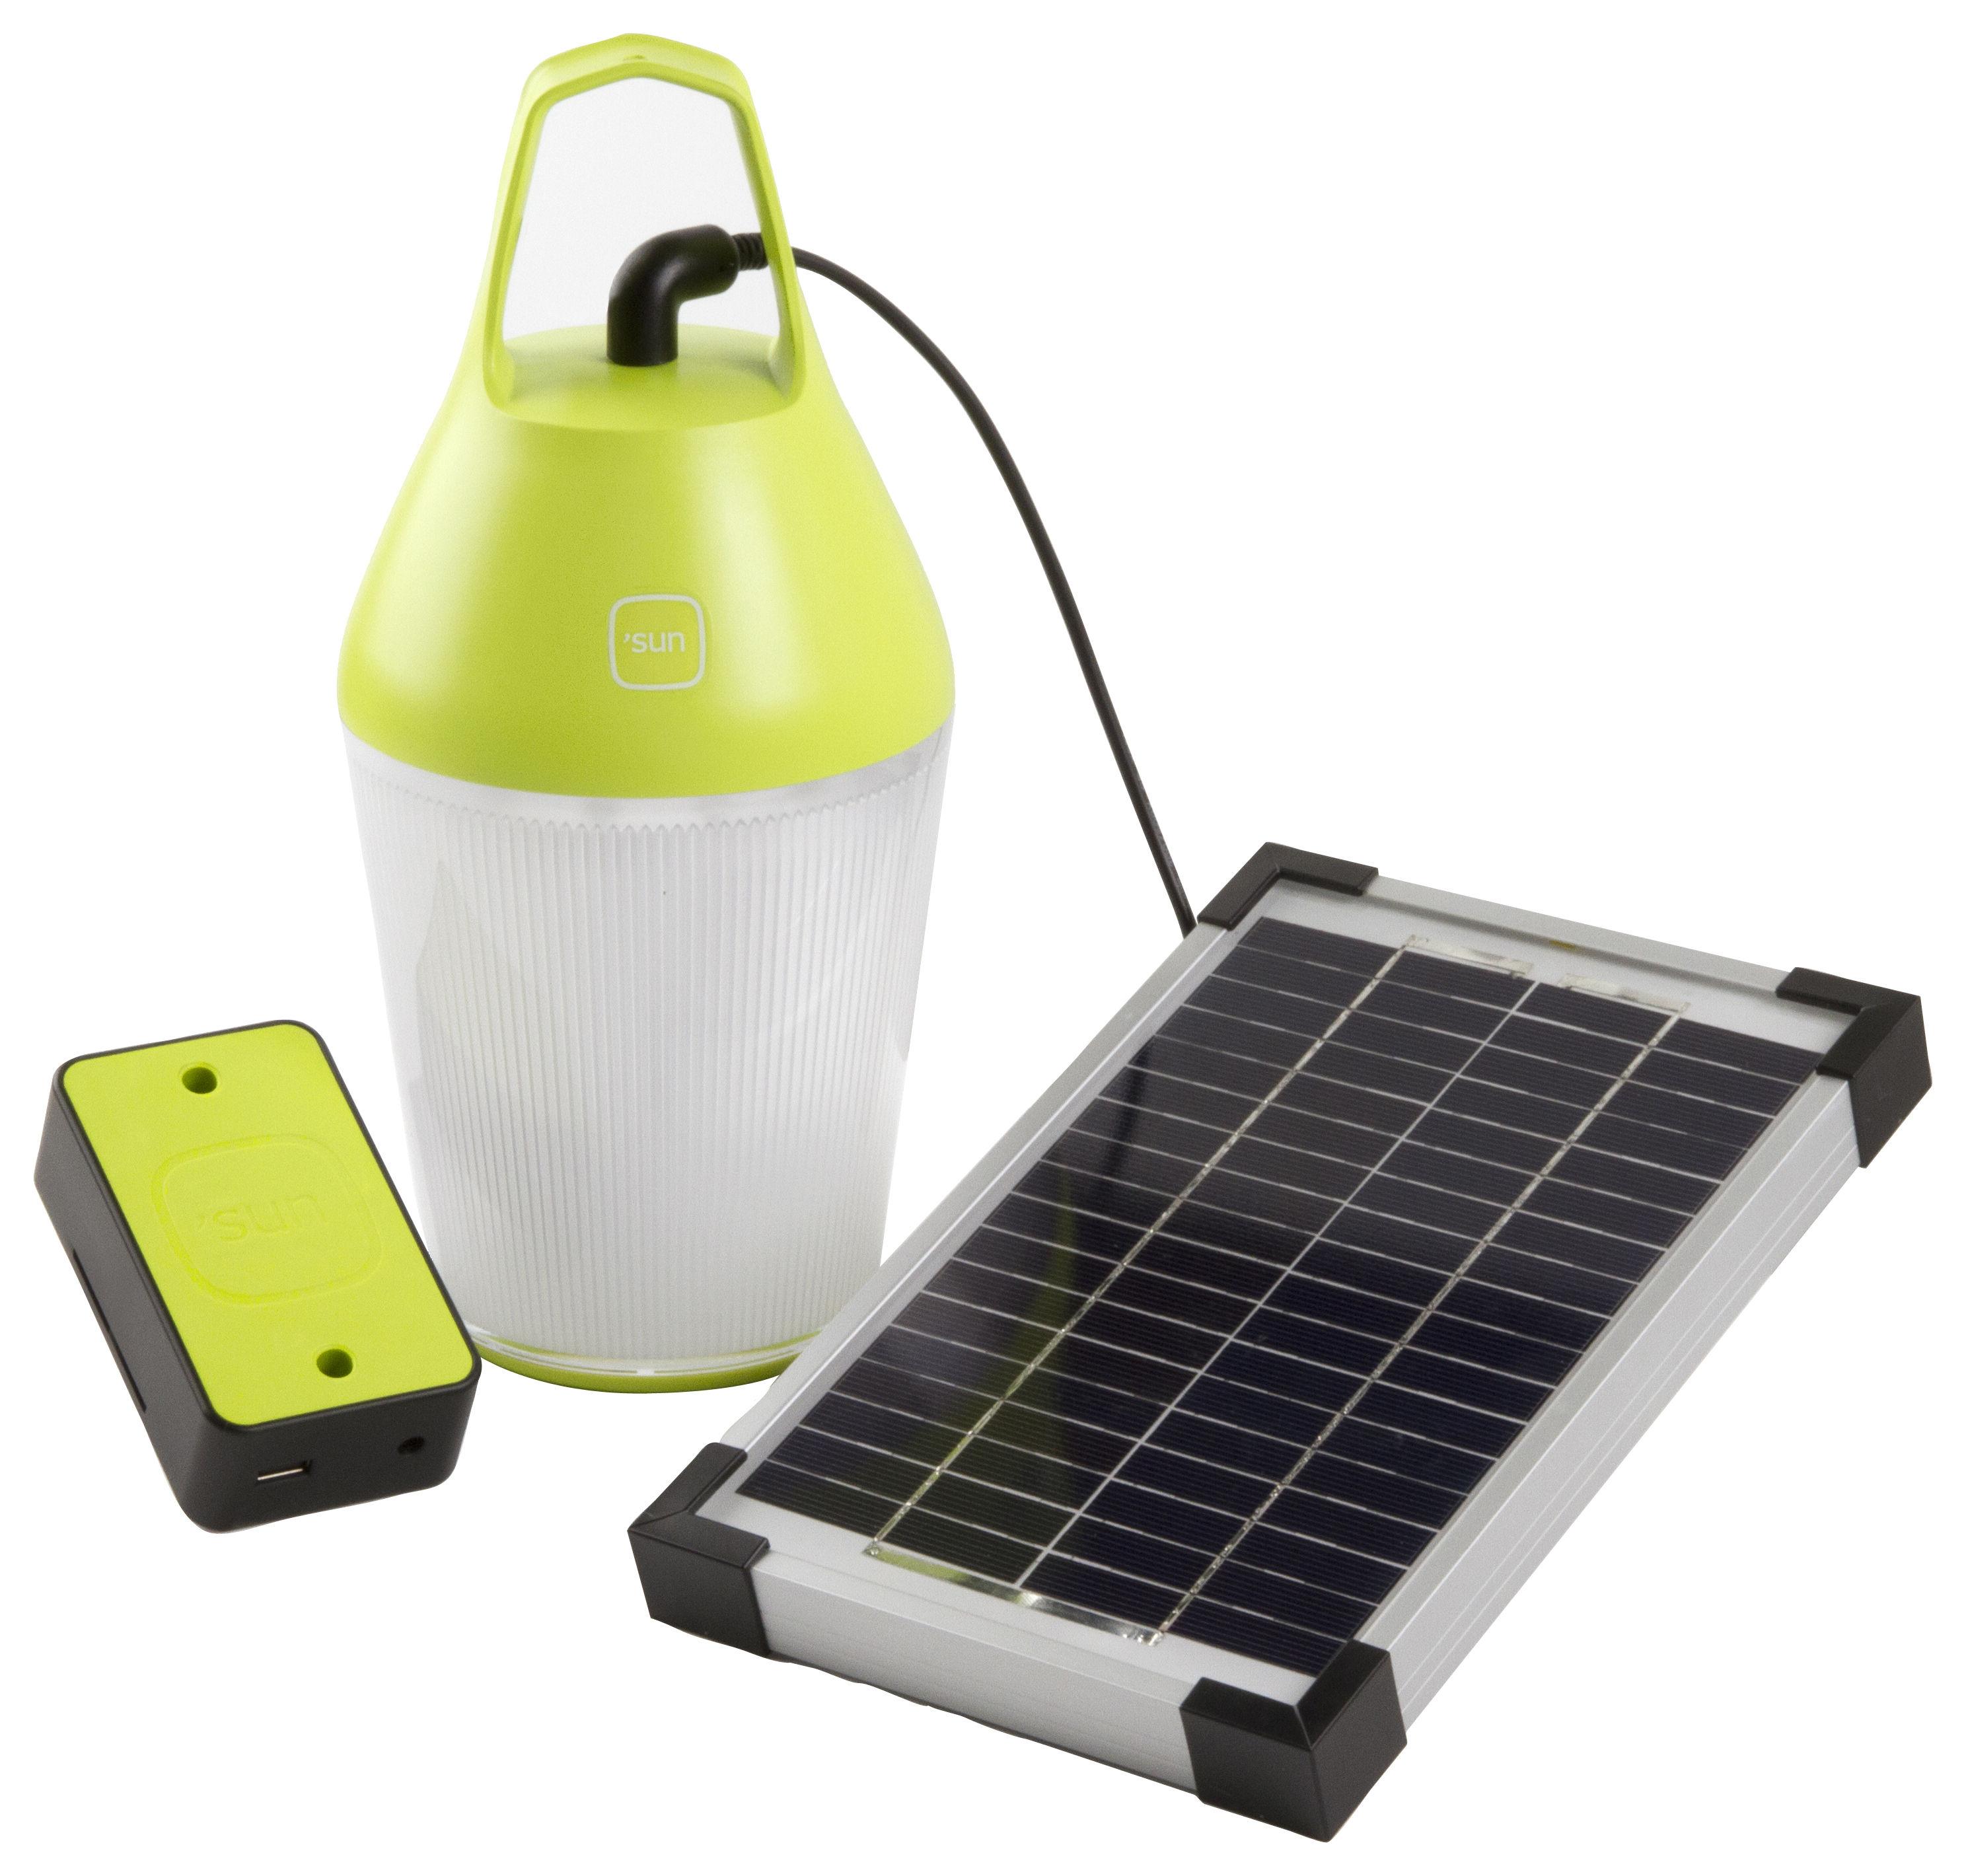 lampe solaire nomad sans fil chargeur d 39 appareils. Black Bedroom Furniture Sets. Home Design Ideas